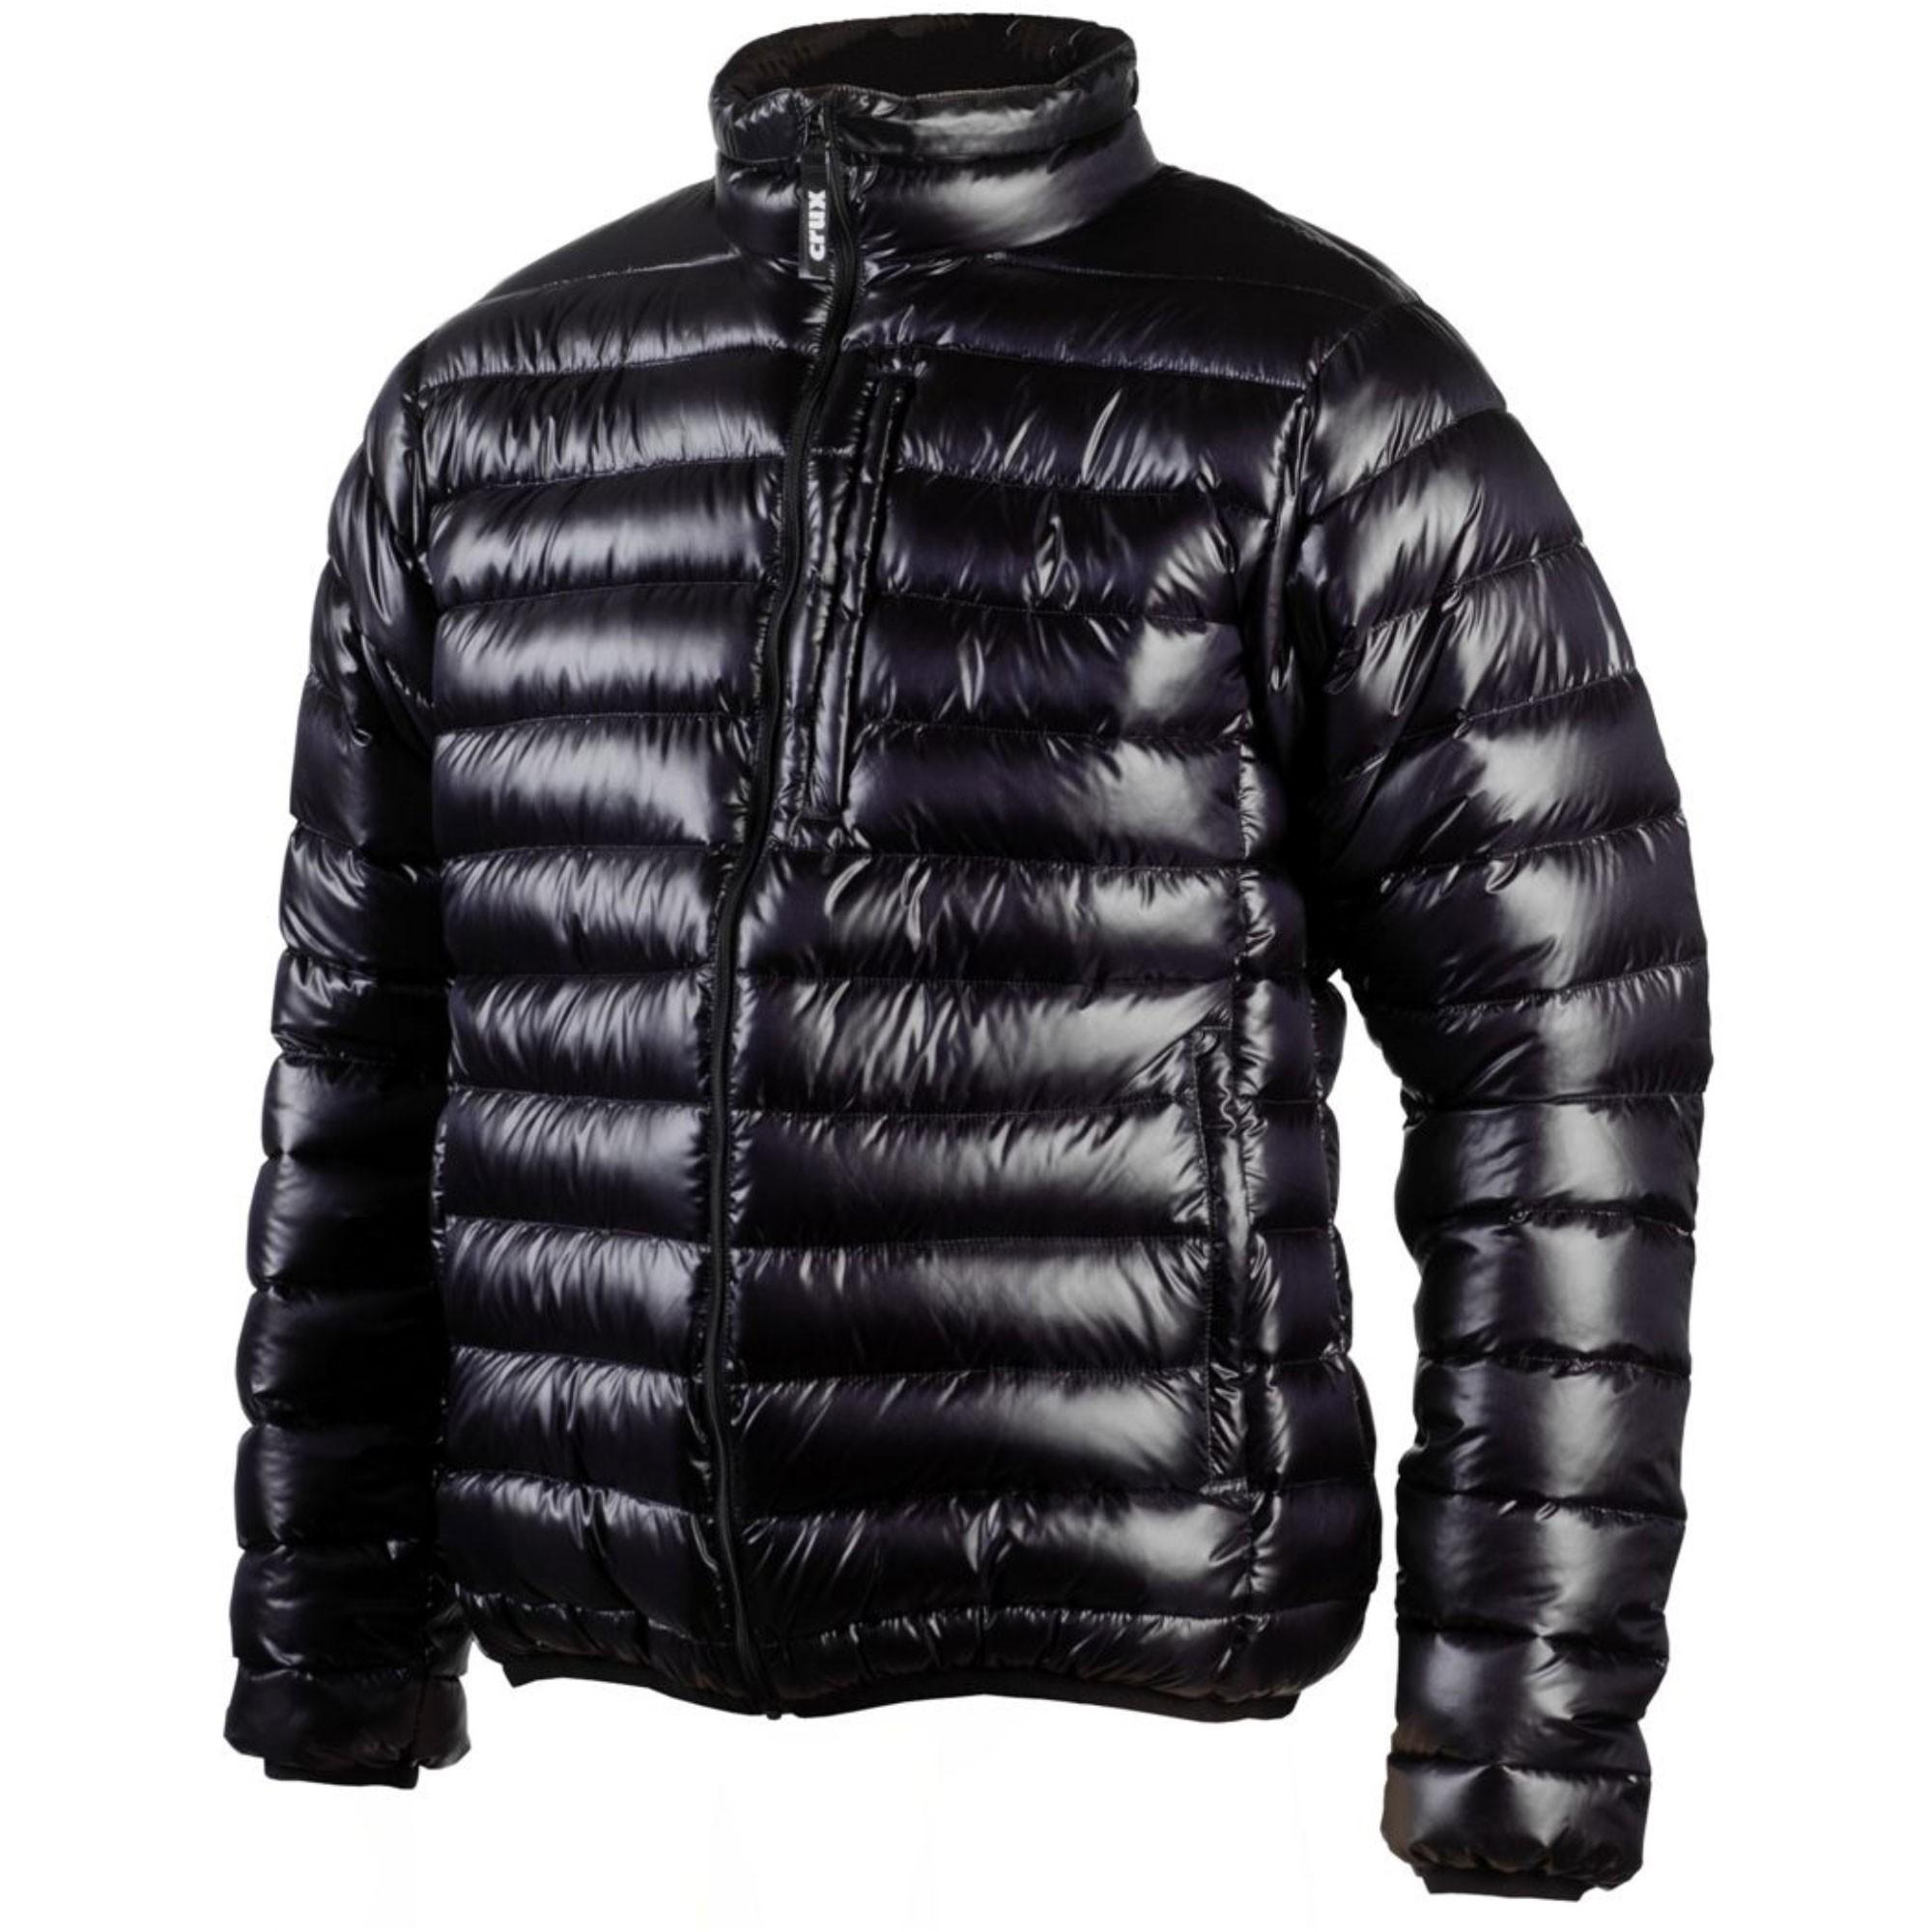 Crux Pyro Down Jacket - Black